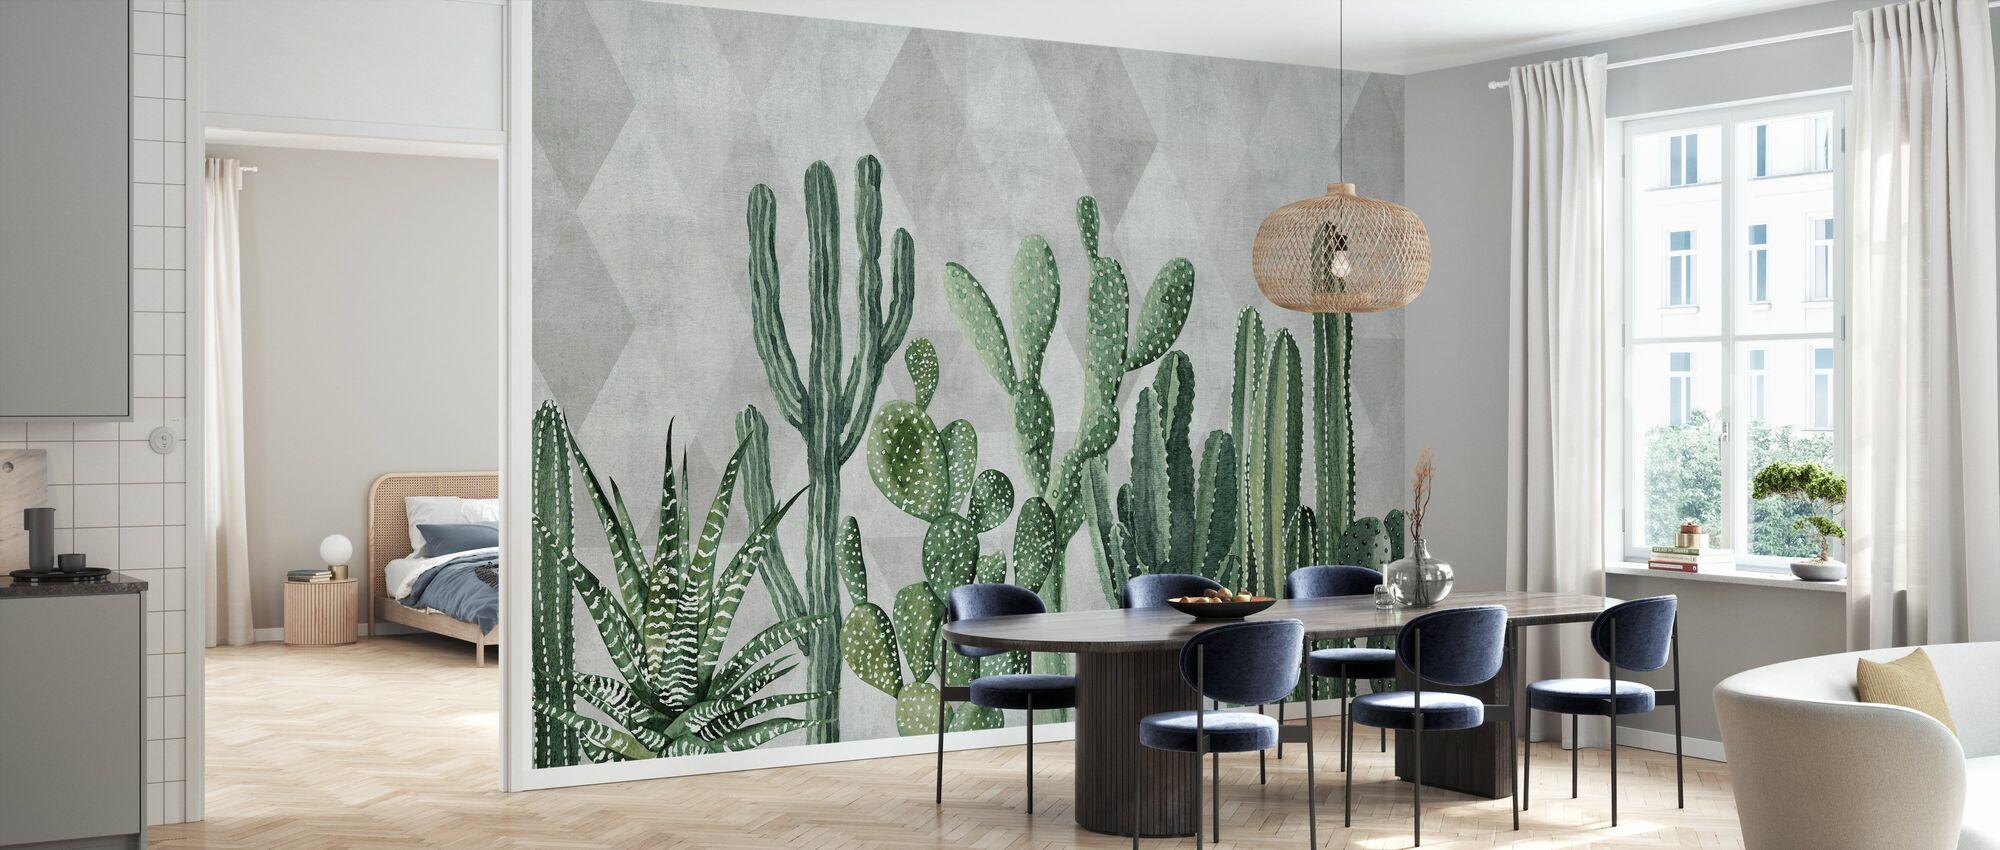 Atacama Kaktus II - Tapetti - Keittiö